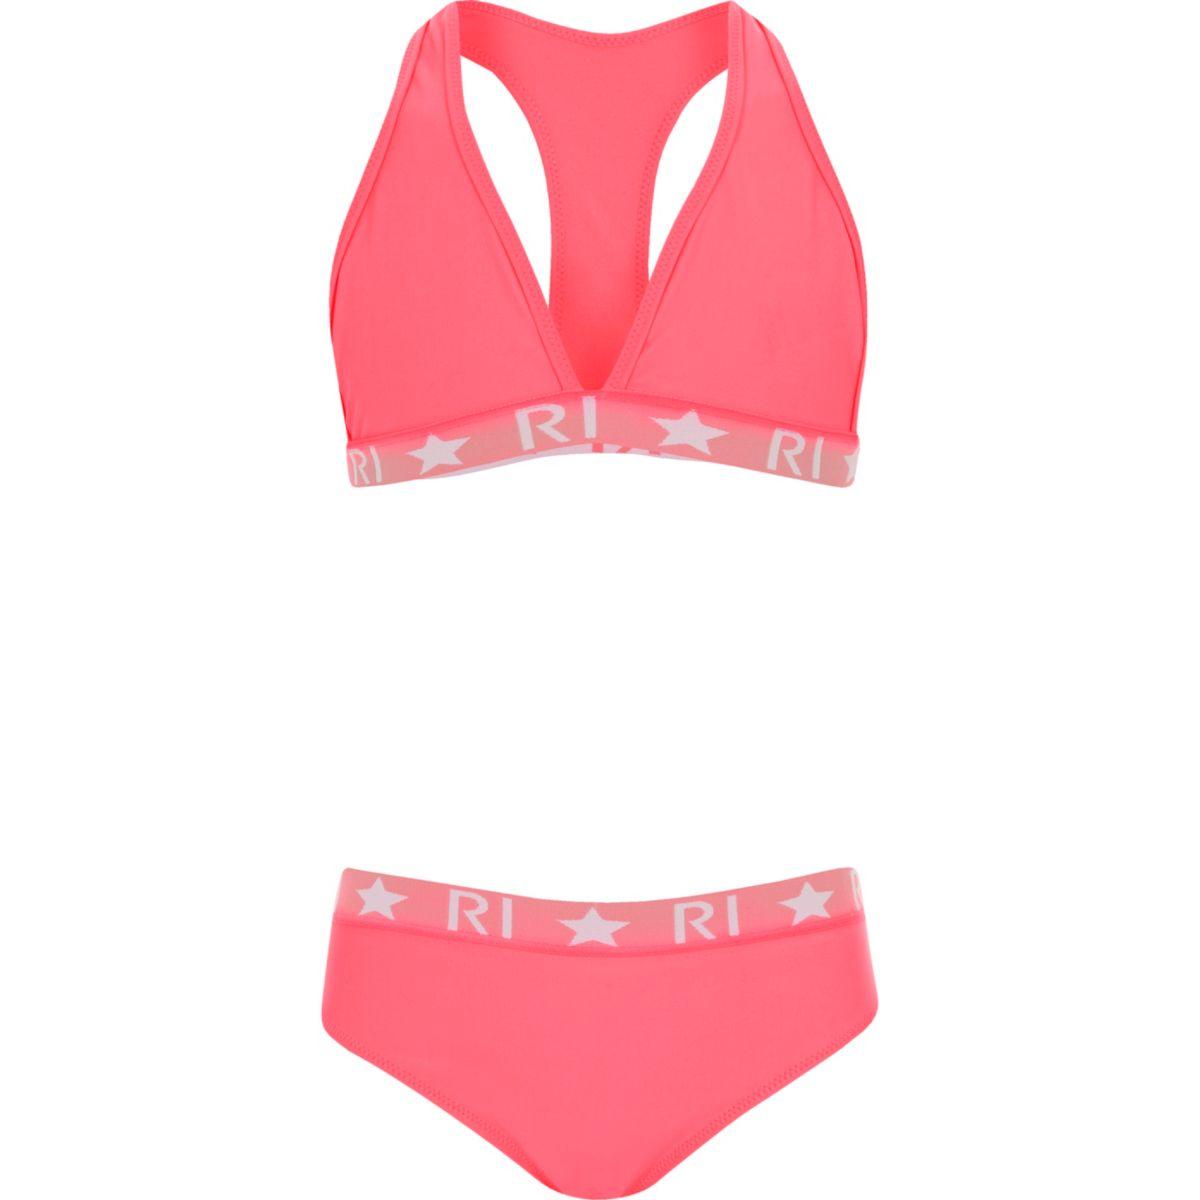 Girls RI bright pink tankini